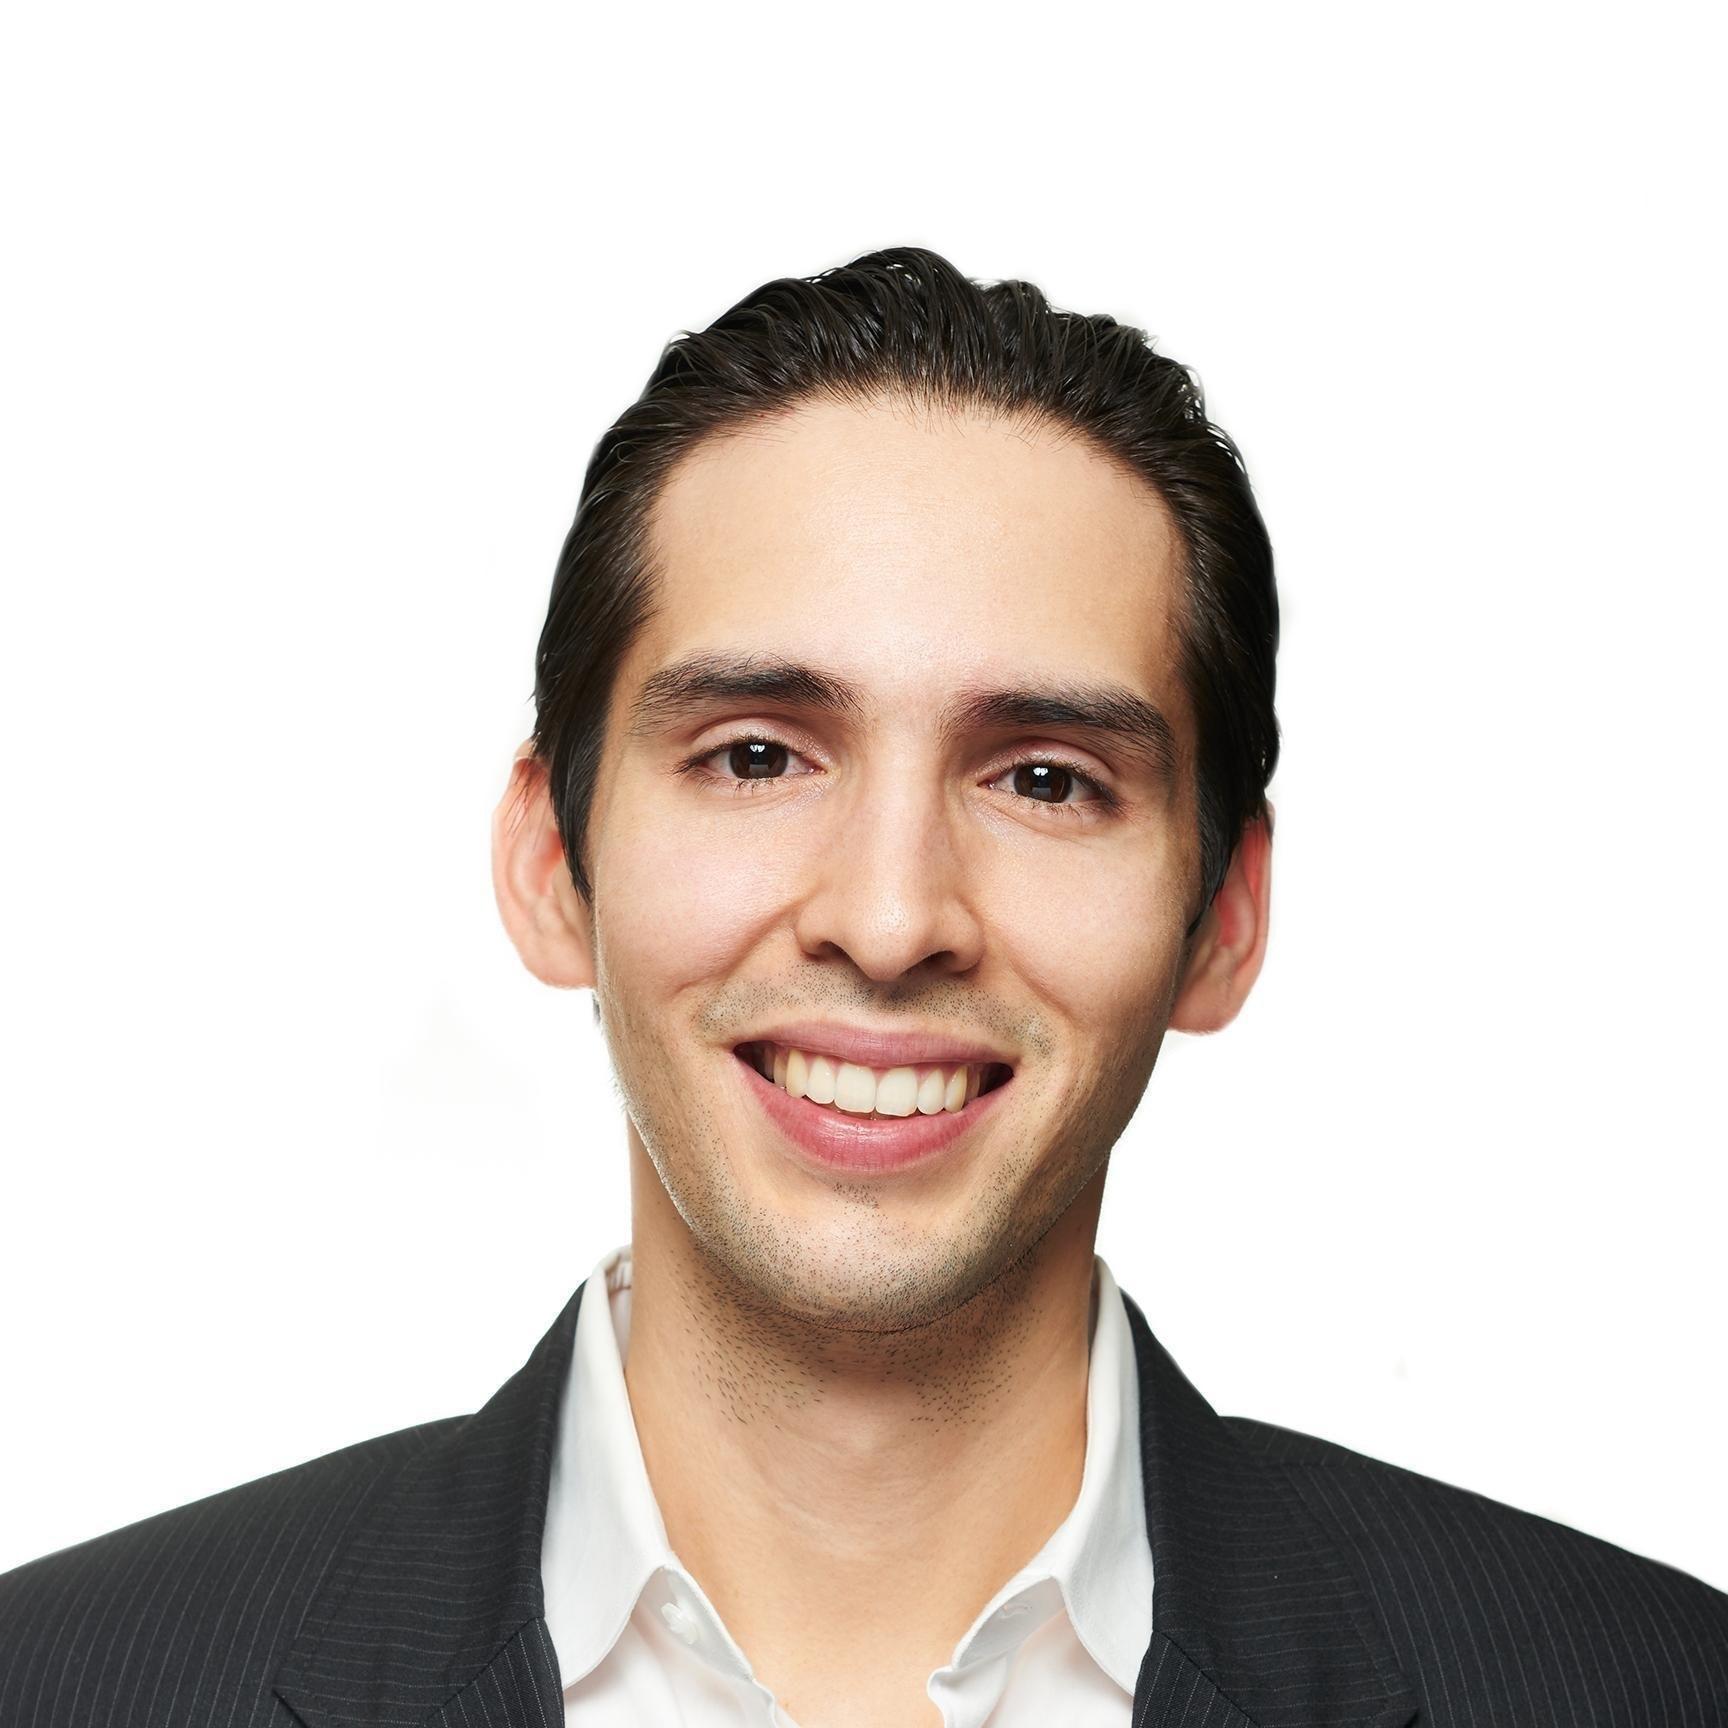 Rodrigo Fuentes